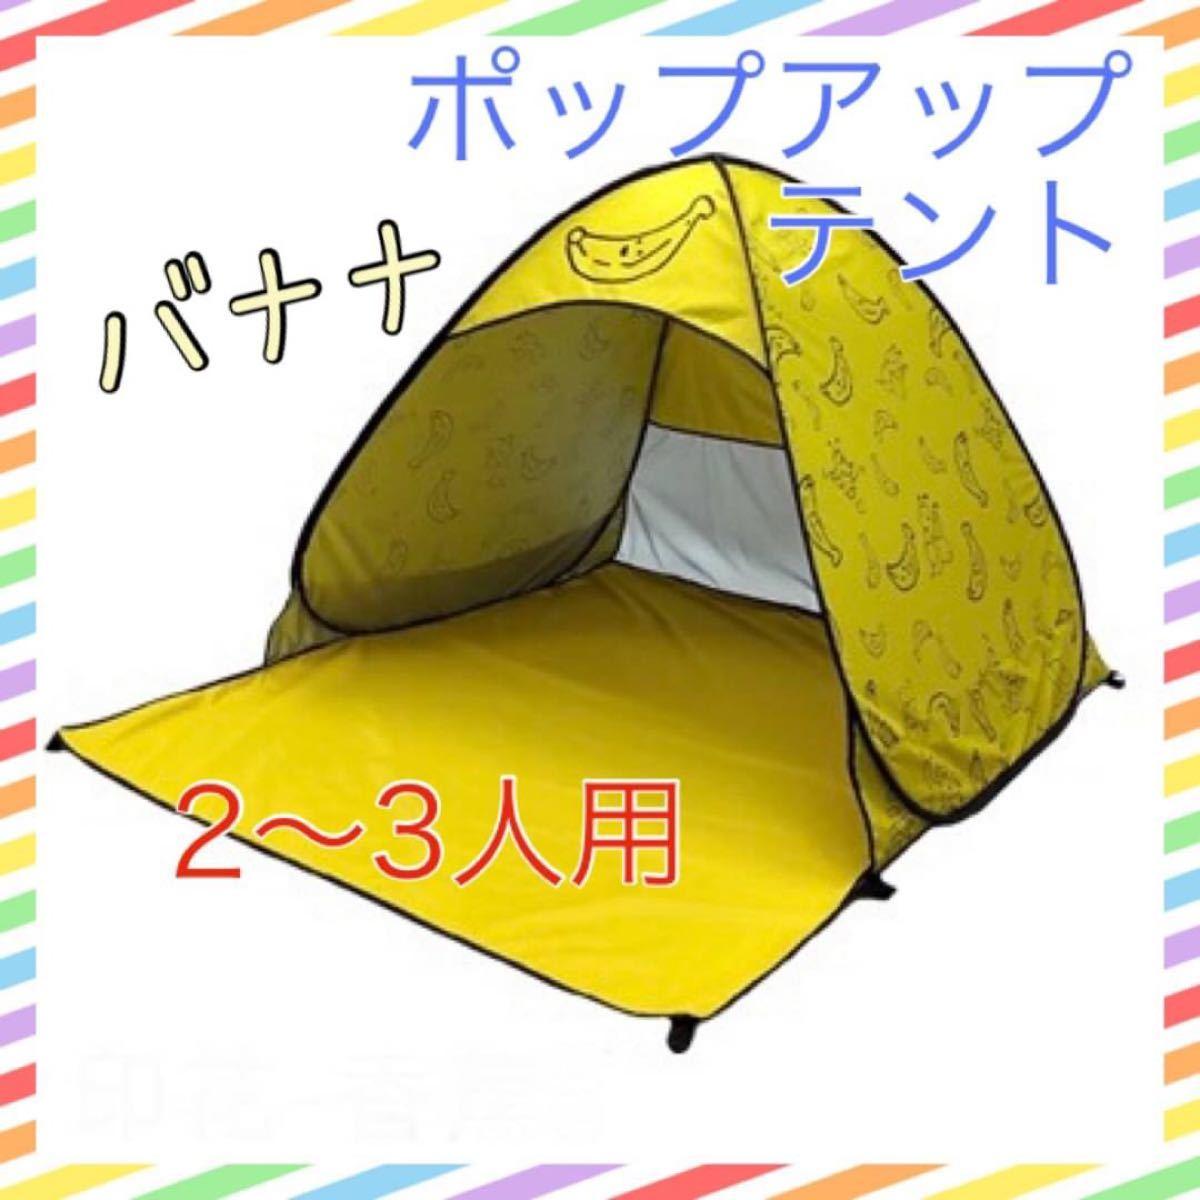 ワンタッチテント☆ポップアップテント☆かわいバナナ柄☆持ち運び楽々!